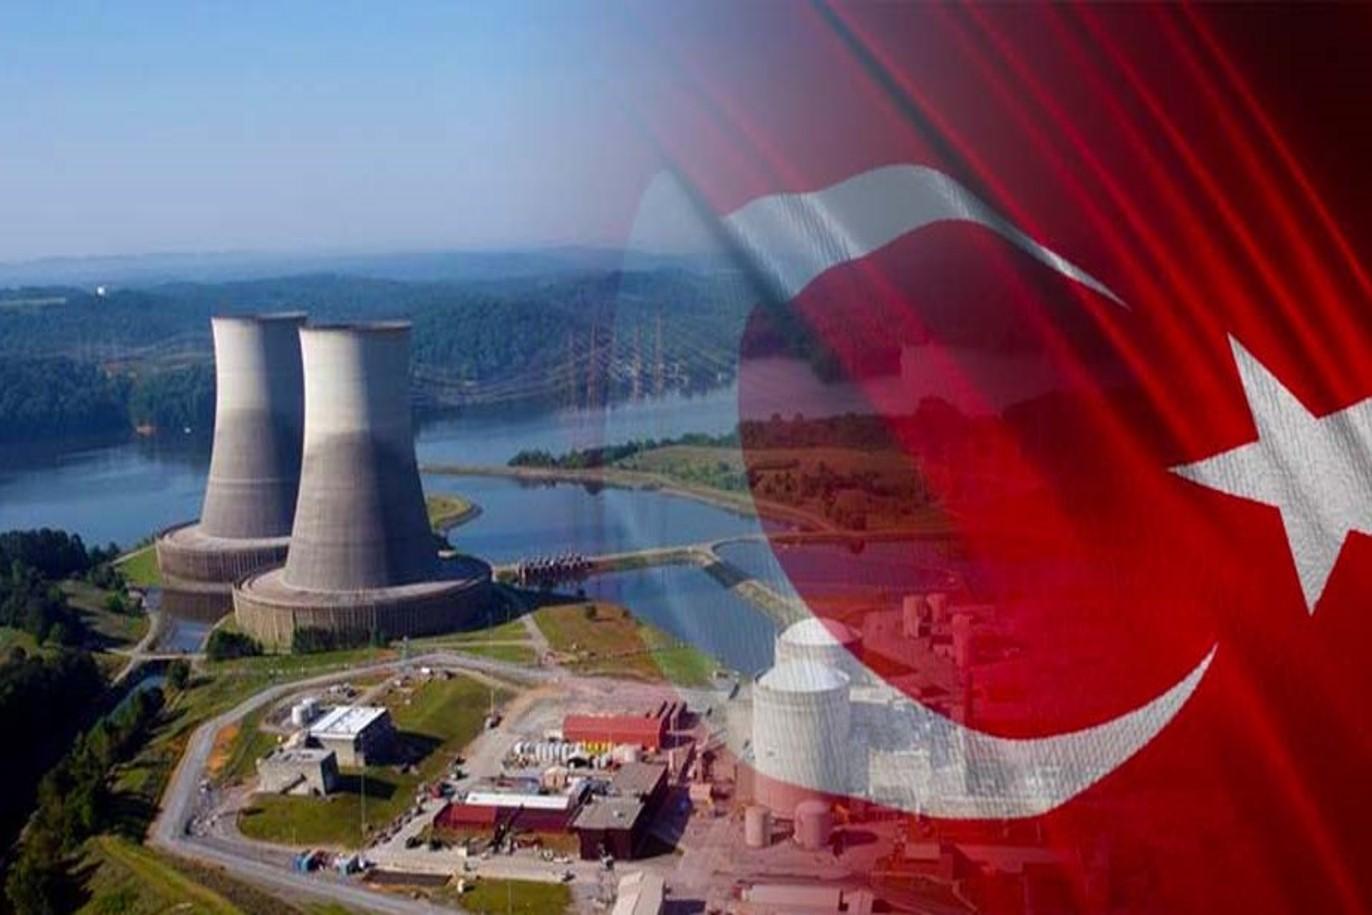 ترکیه در آستانه پیوستن به جمع کشورهای دارای صنعت هستهای تا سال 2023